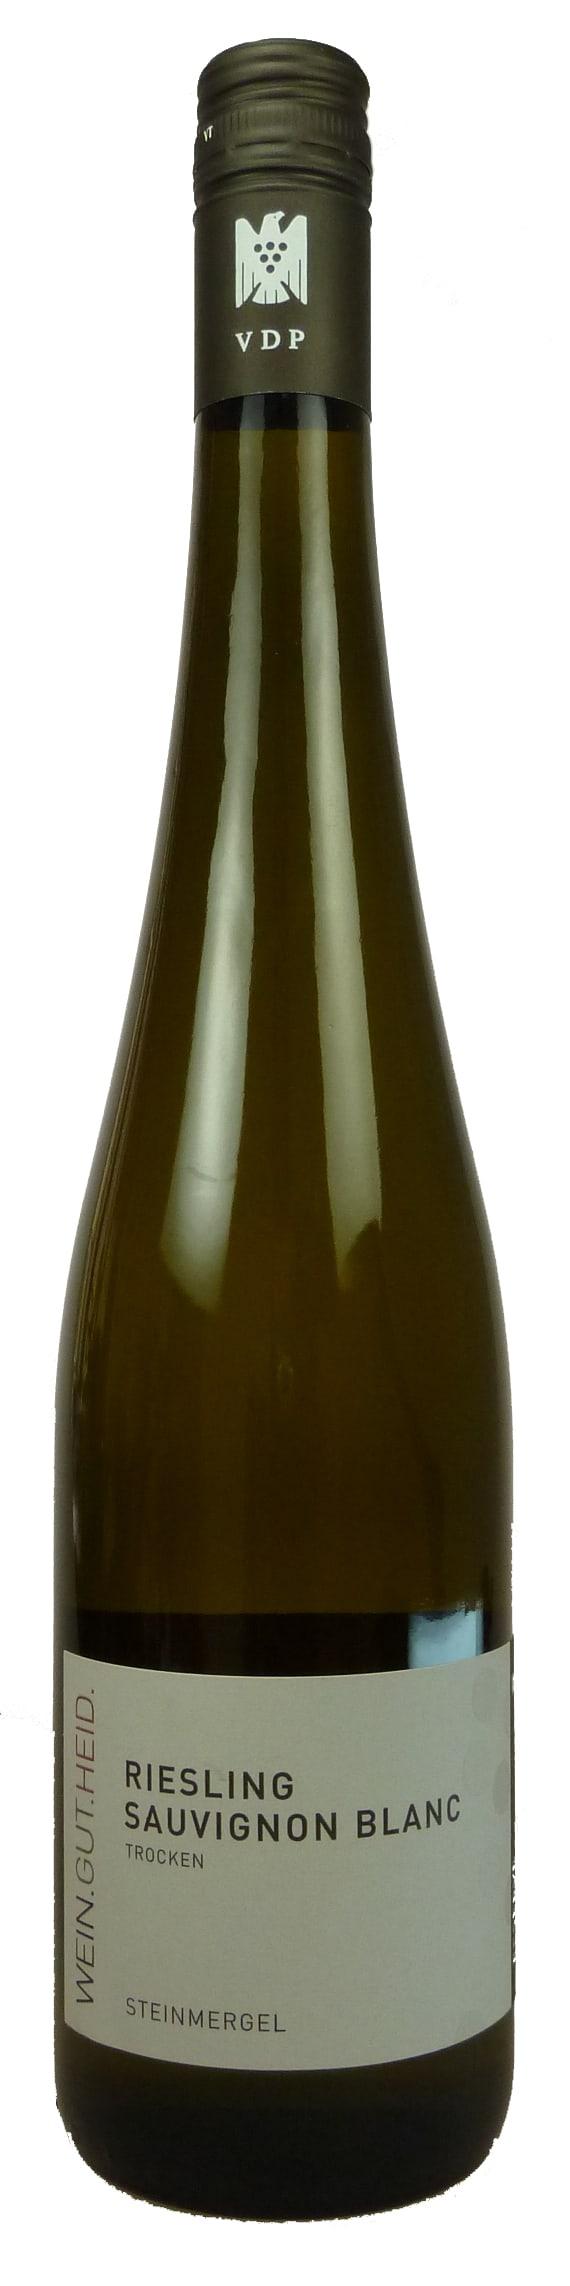 Steinmergel Riesling Sauvignon blanc Qualitätswein trocken 2017